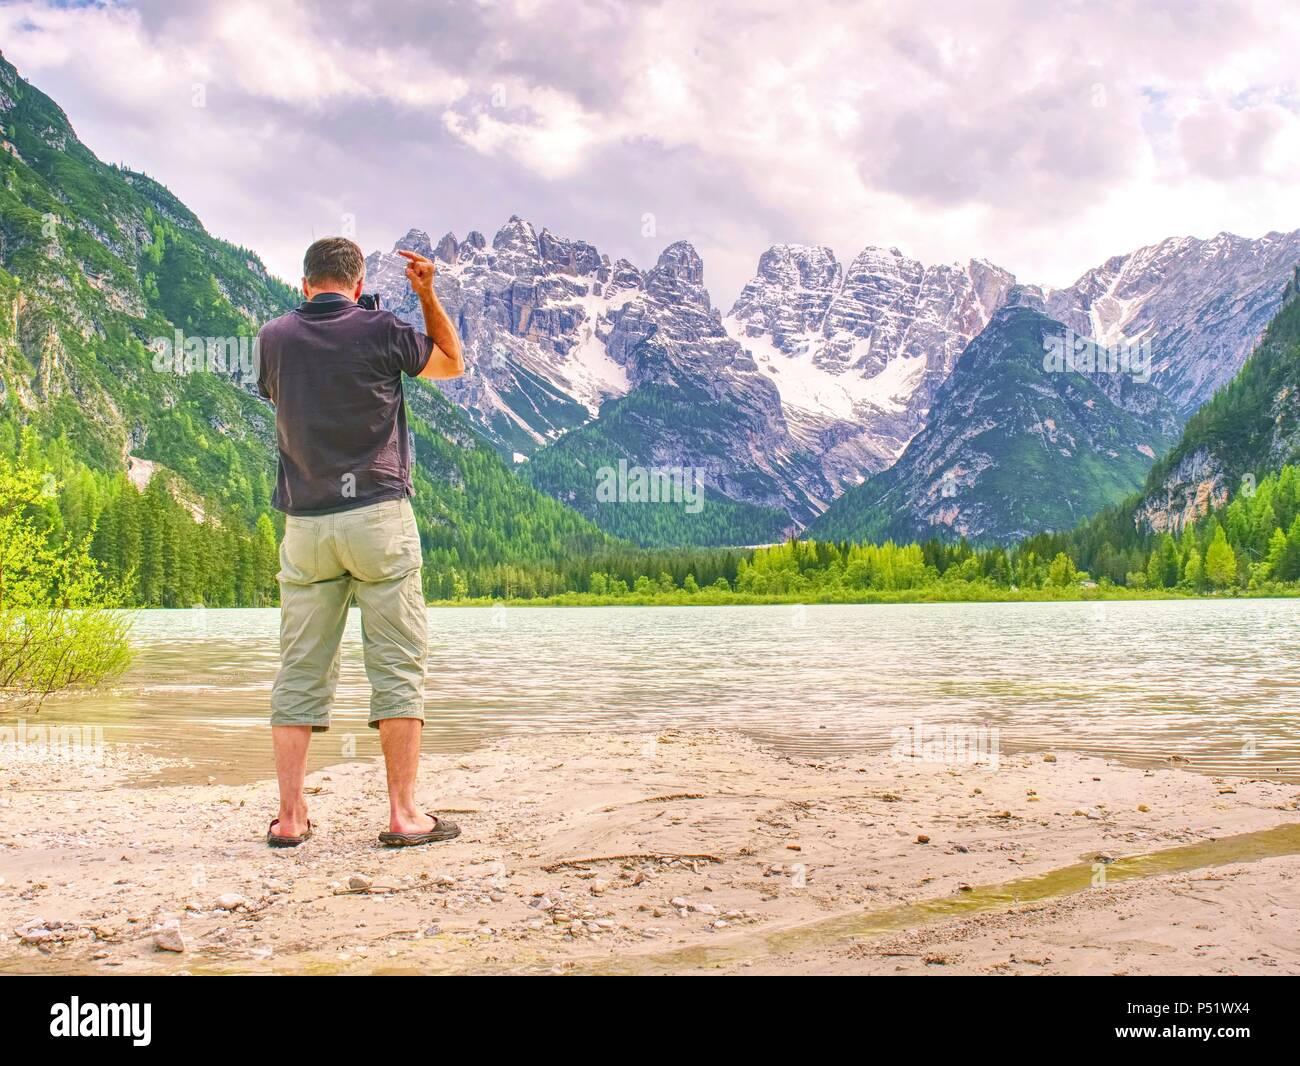 Homme randonneur est taking photo du navire au rivage de lac de montagne. Silhouette à la pêche pédalo au lac de l'autre. Photo Stock